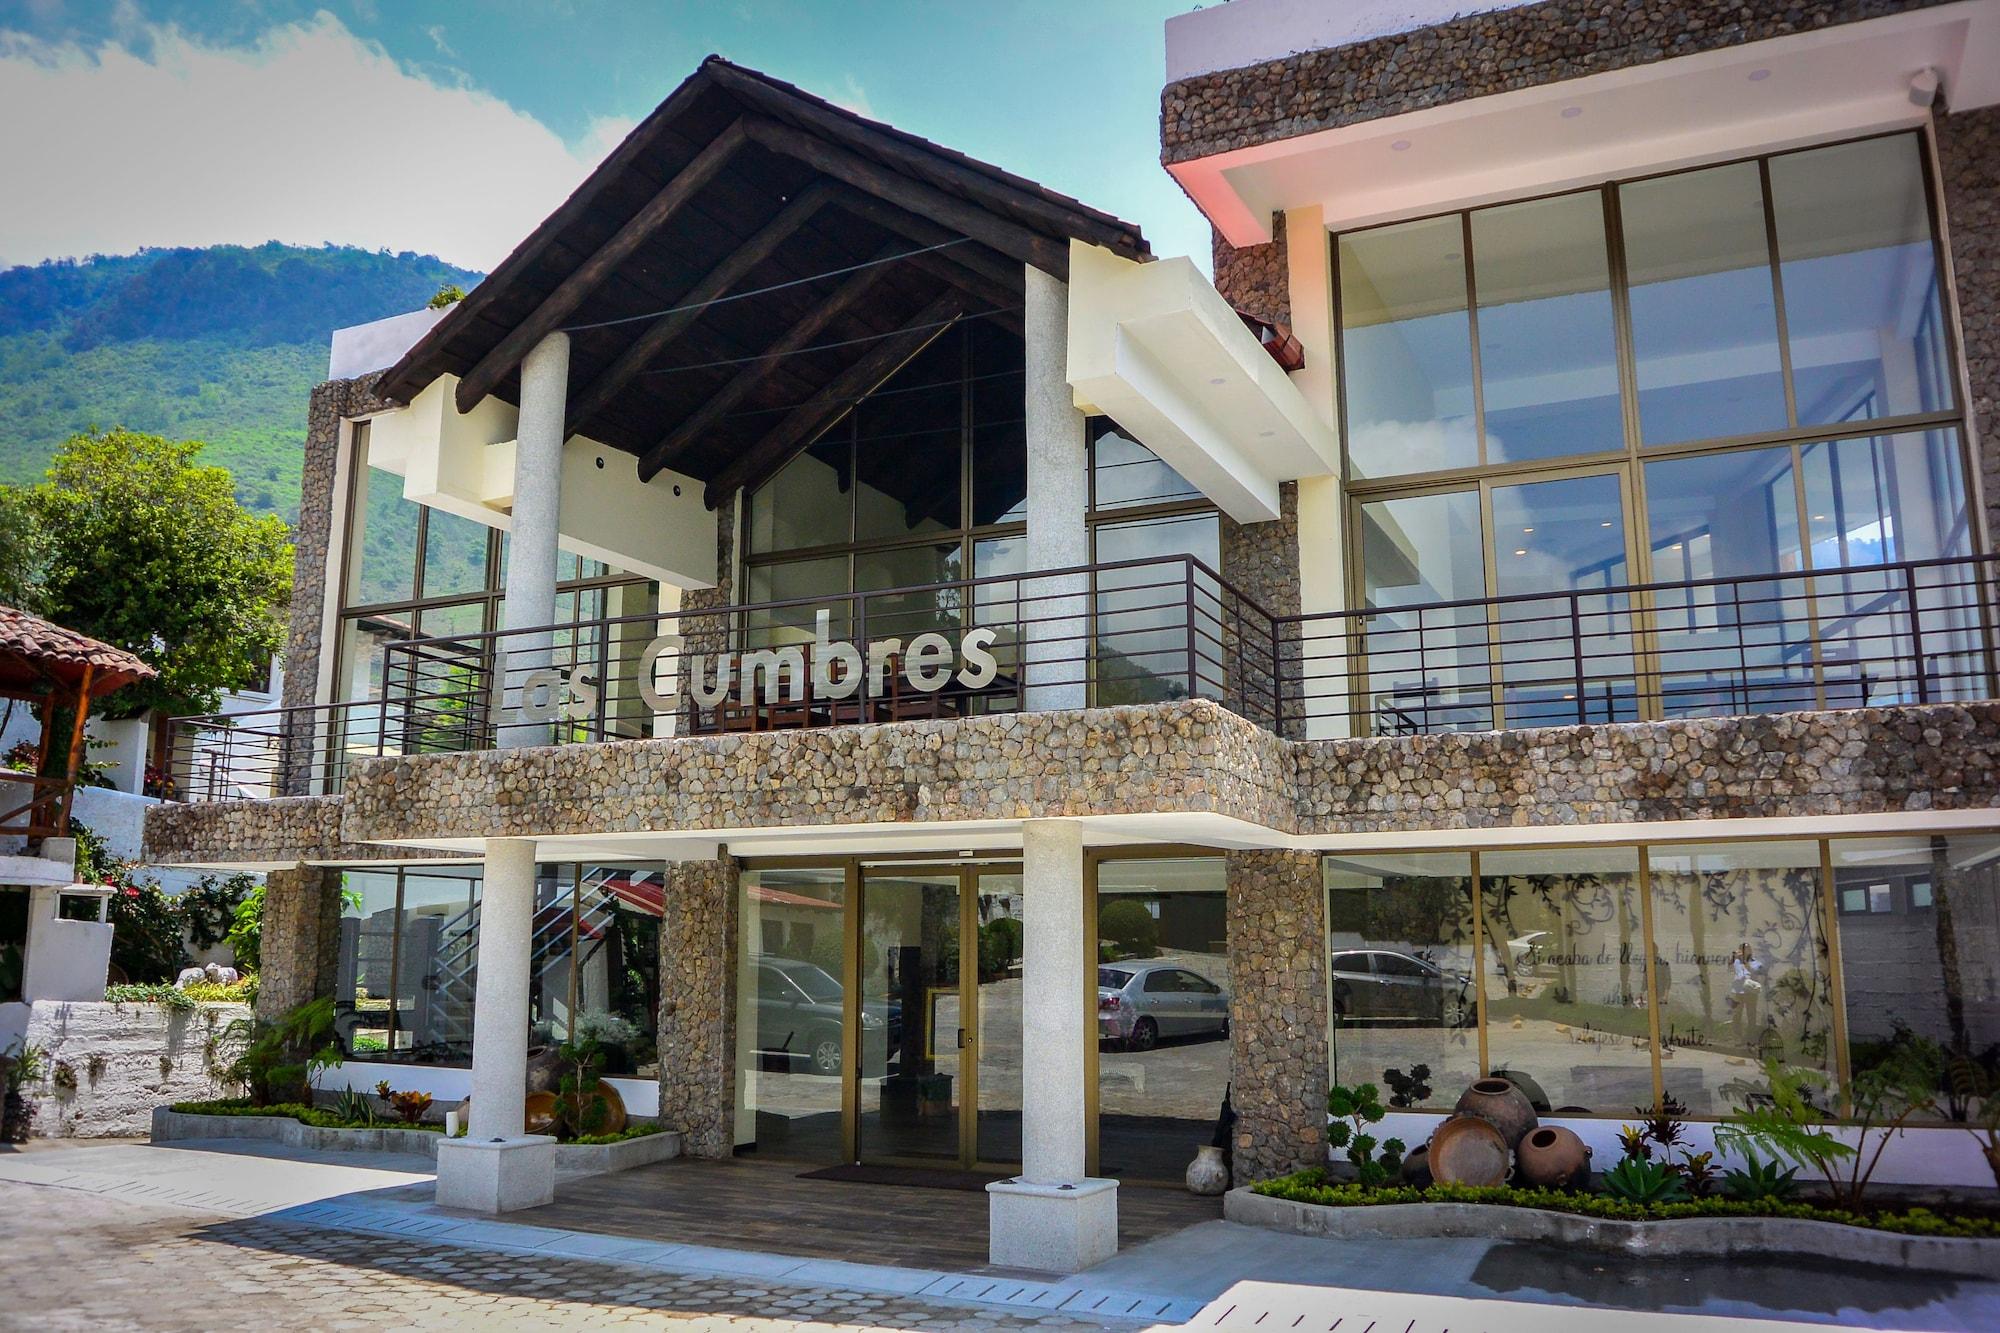 Las Cumbres Eco-Hotel Termalismo y Spa, Zunil